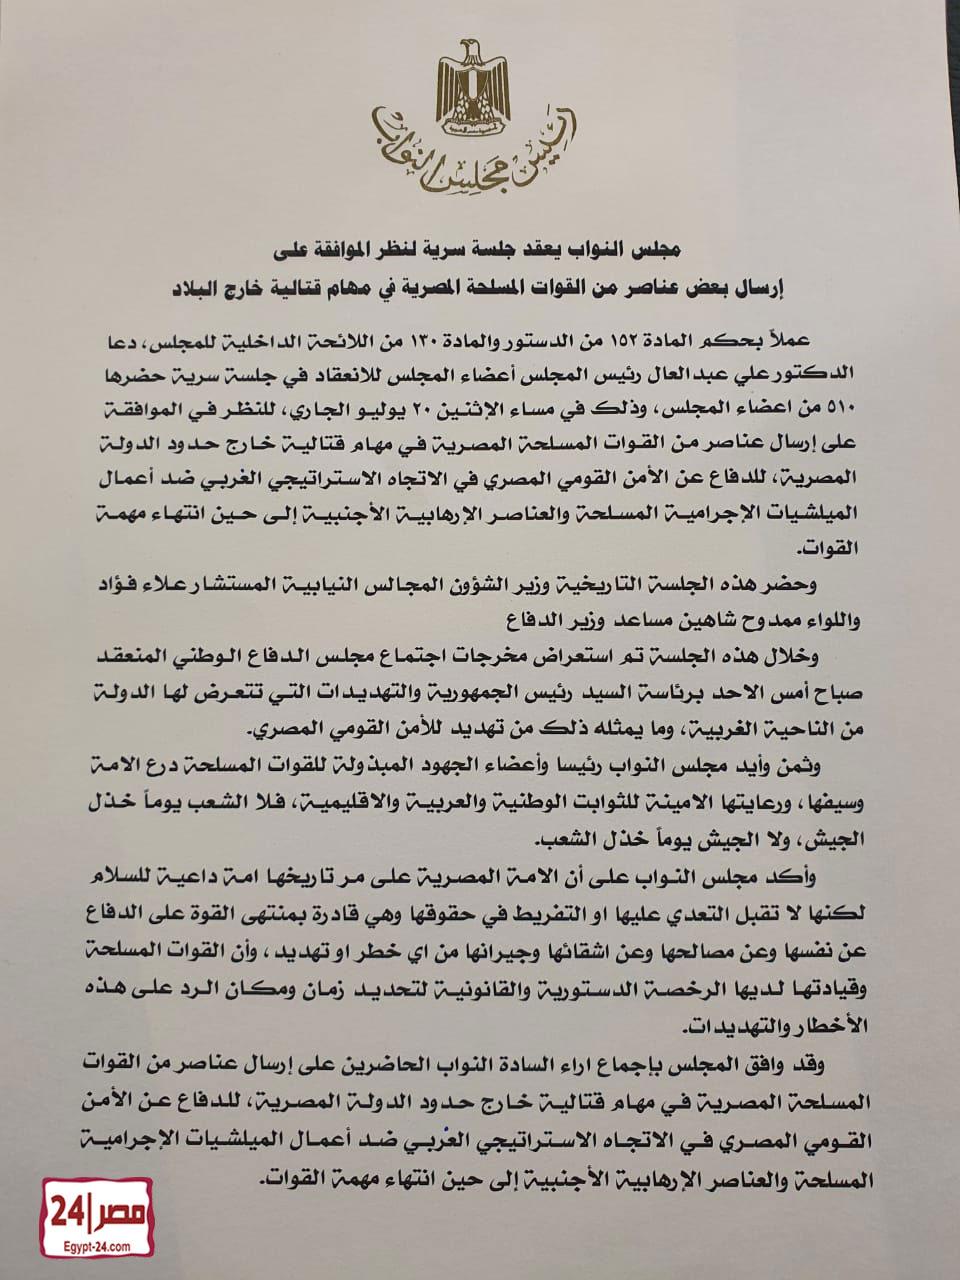 عاجل | مجلس النواب المصرى يوافق على إرسال عناصر من القوات المسلحة في مهام قتالية خارج حدود الدولة